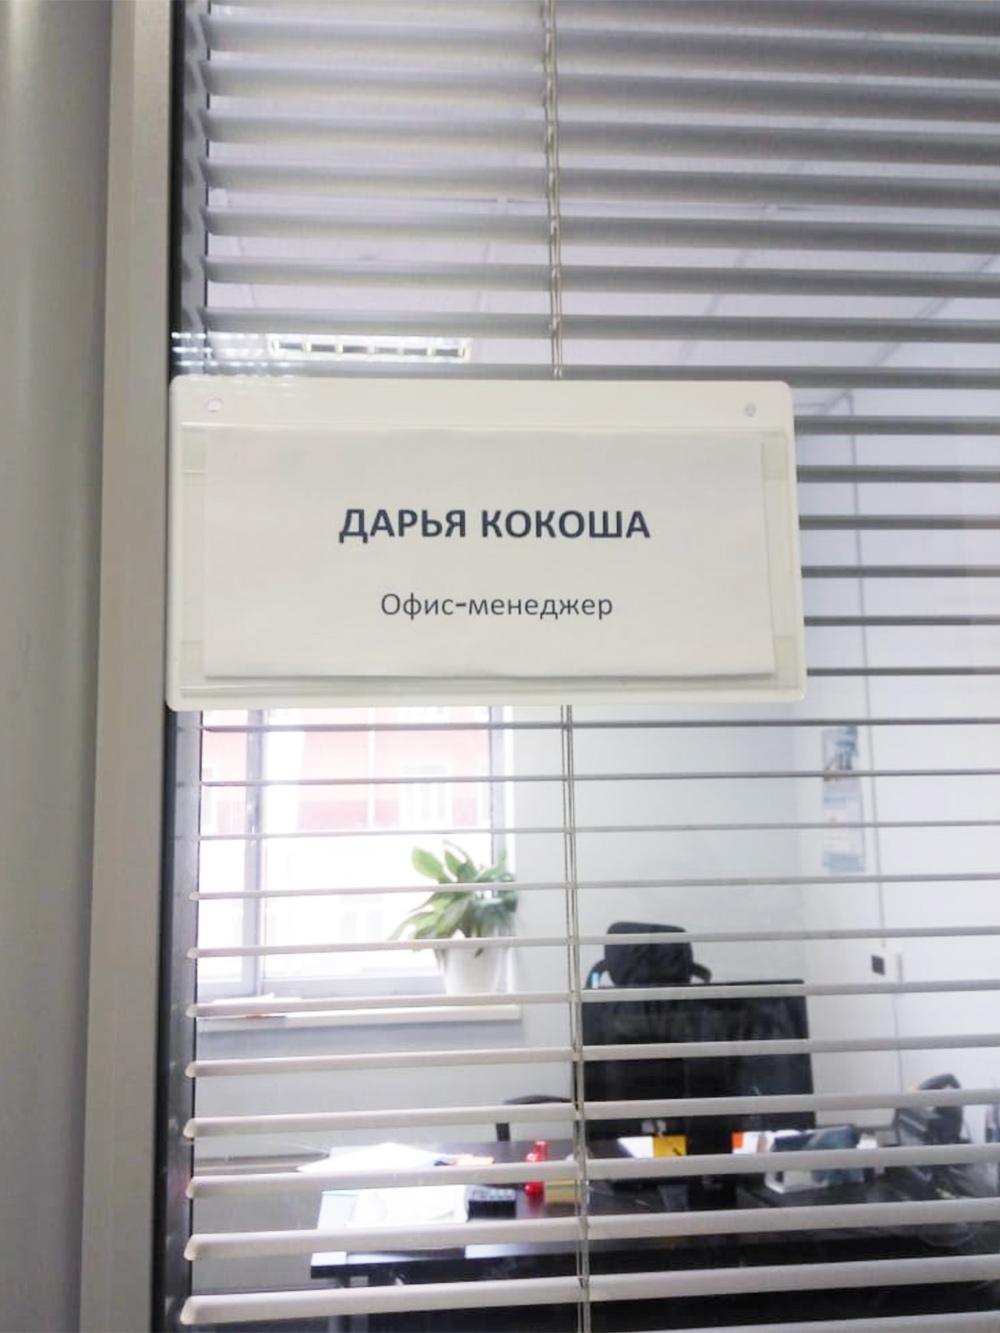 Табличка на двери моего первого личного кабинета